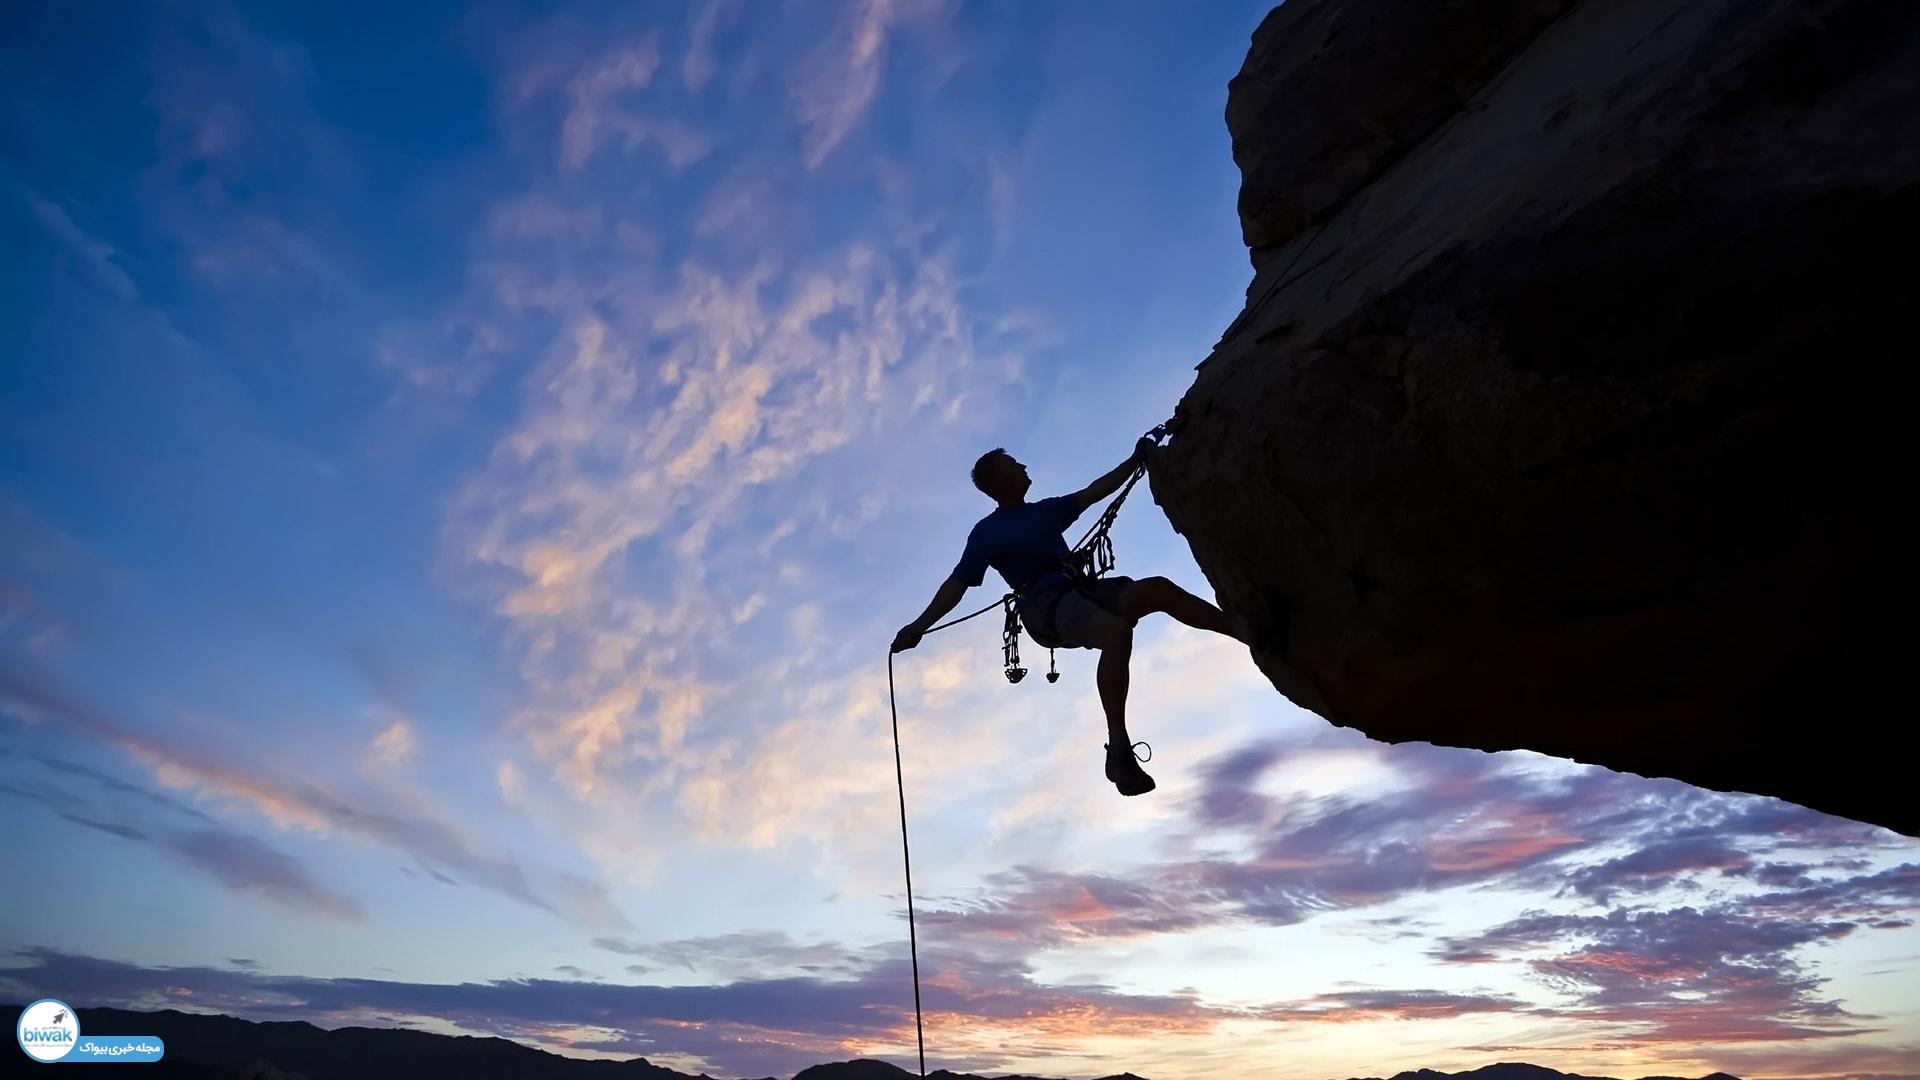 کوهنوردی راحت تر و امن تر